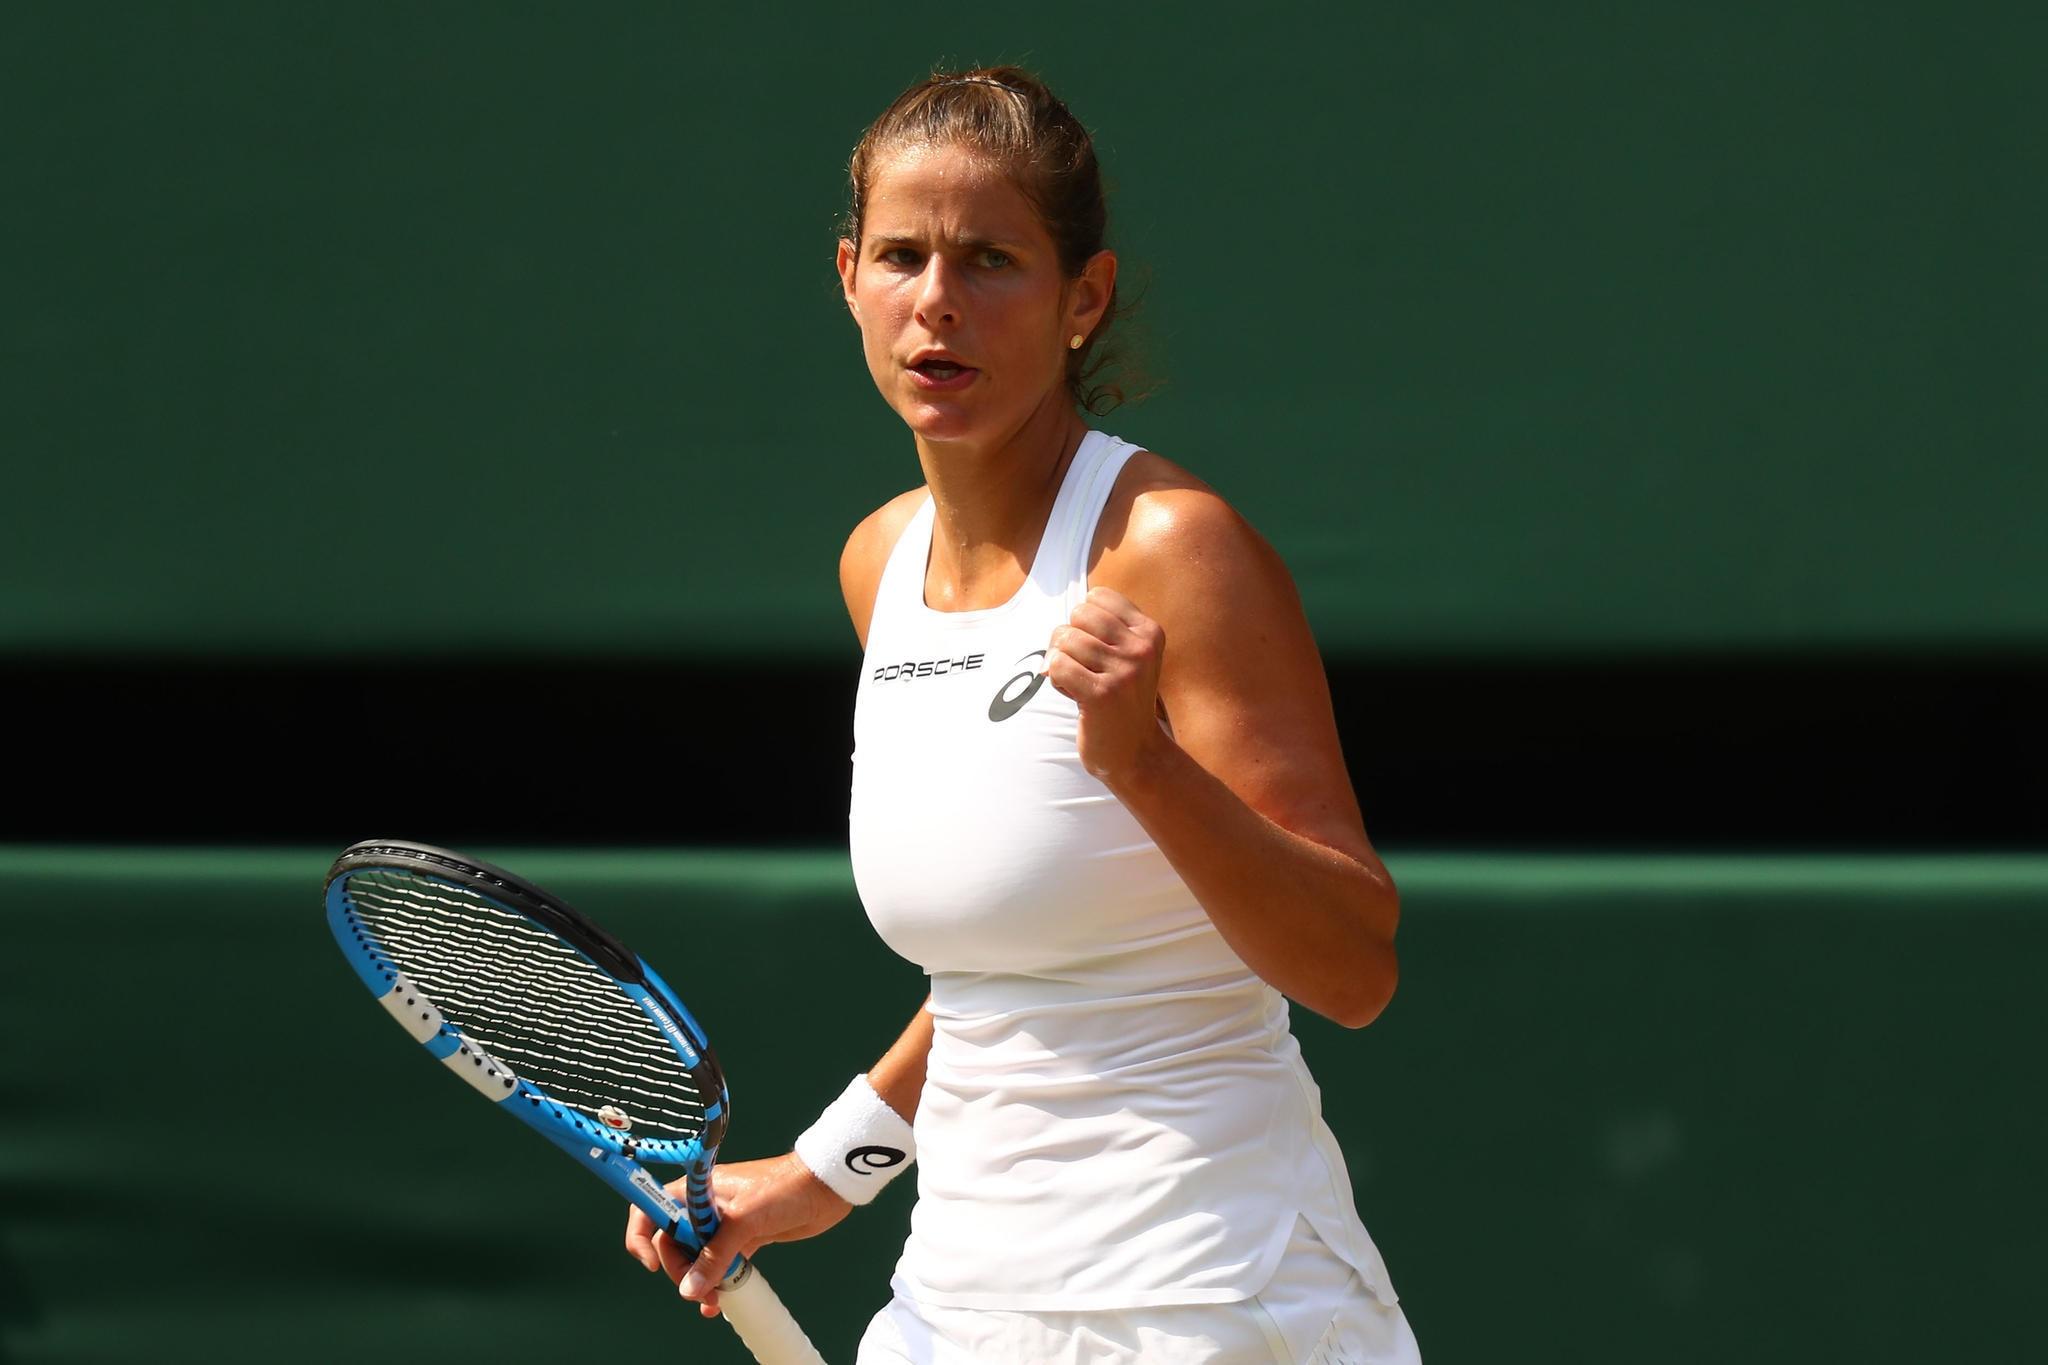 Julia Görges ist in der Weltrangliste auf Platz 13